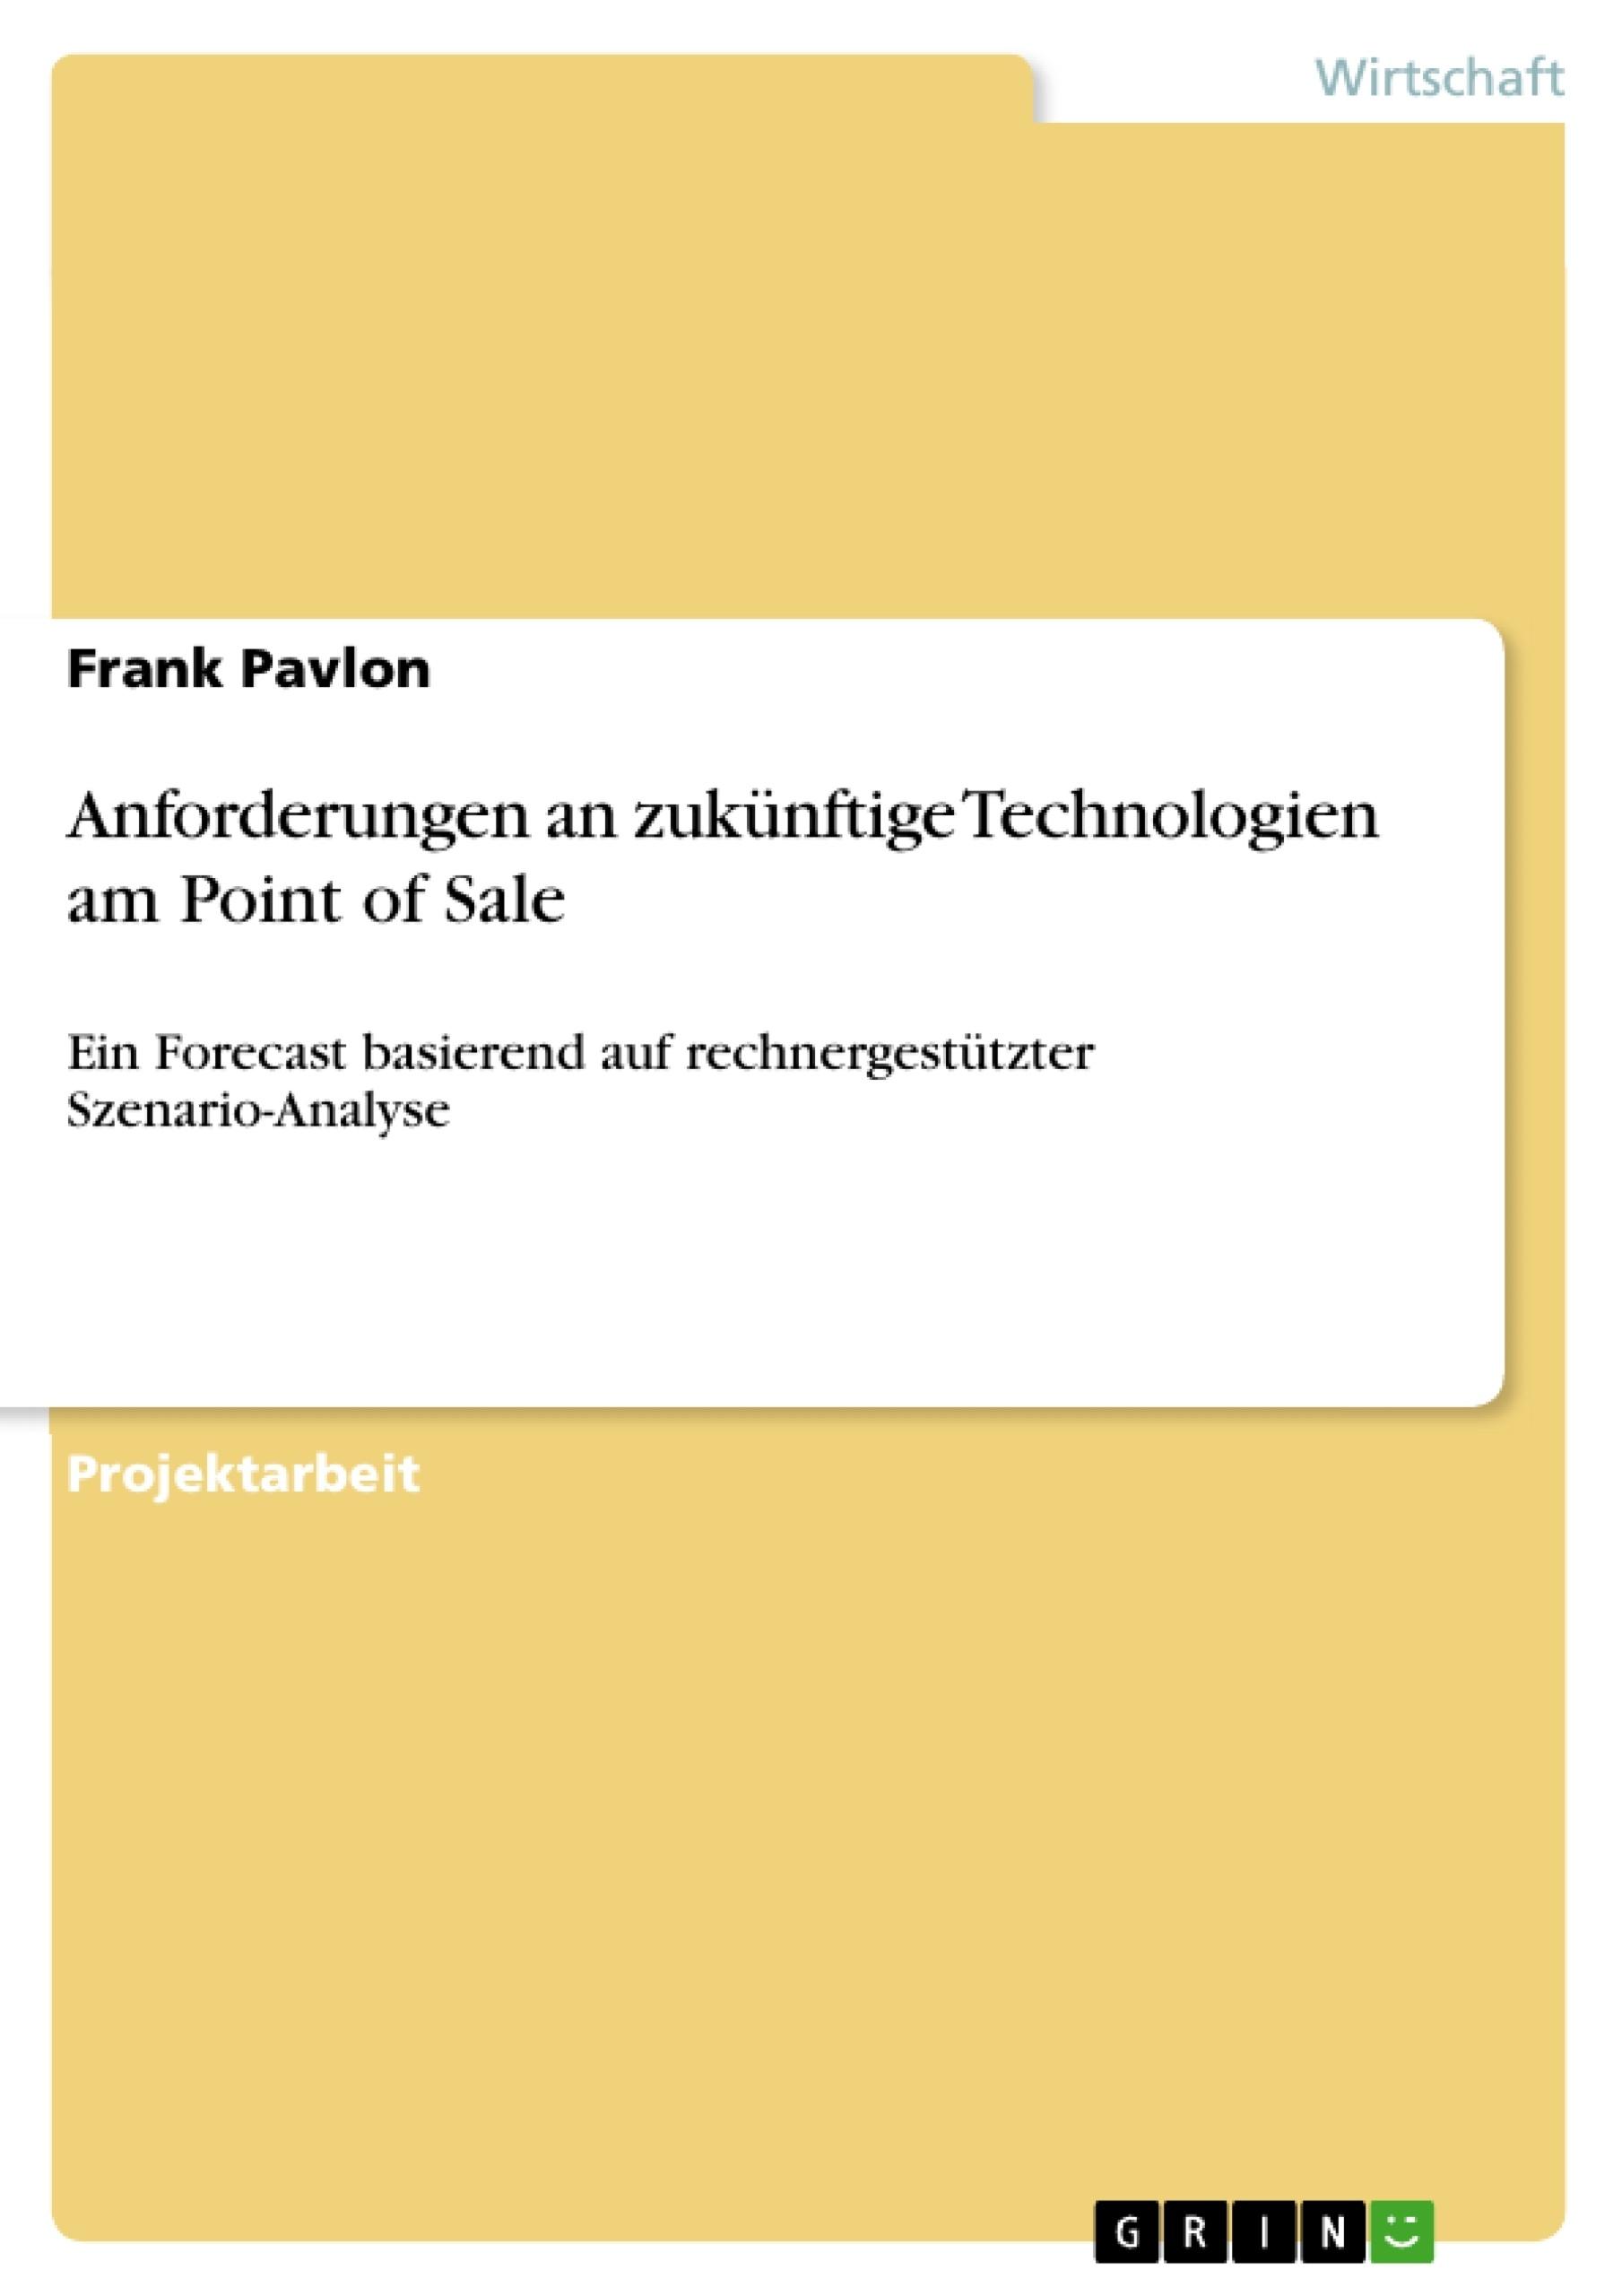 Titel: Anforderungen an zukünftige Technologien am Point of Sale